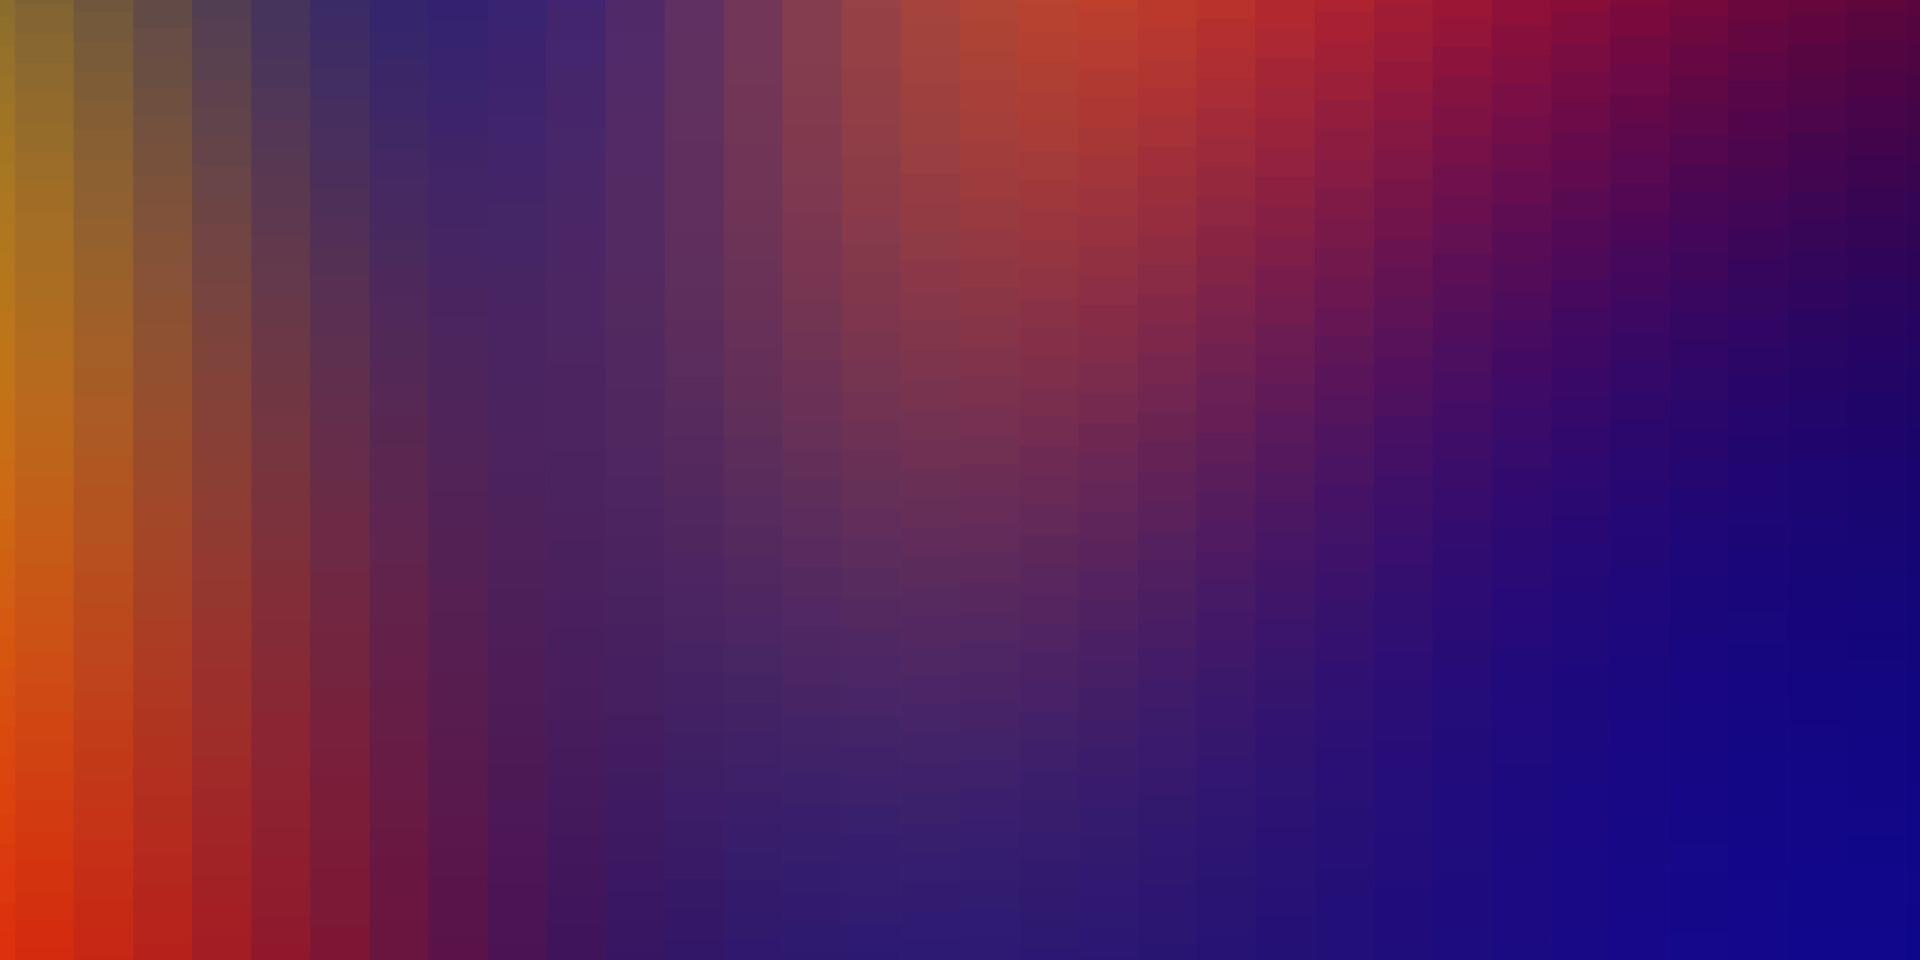 trama vettoriale blu scuro, rosso in stile rettangolare.